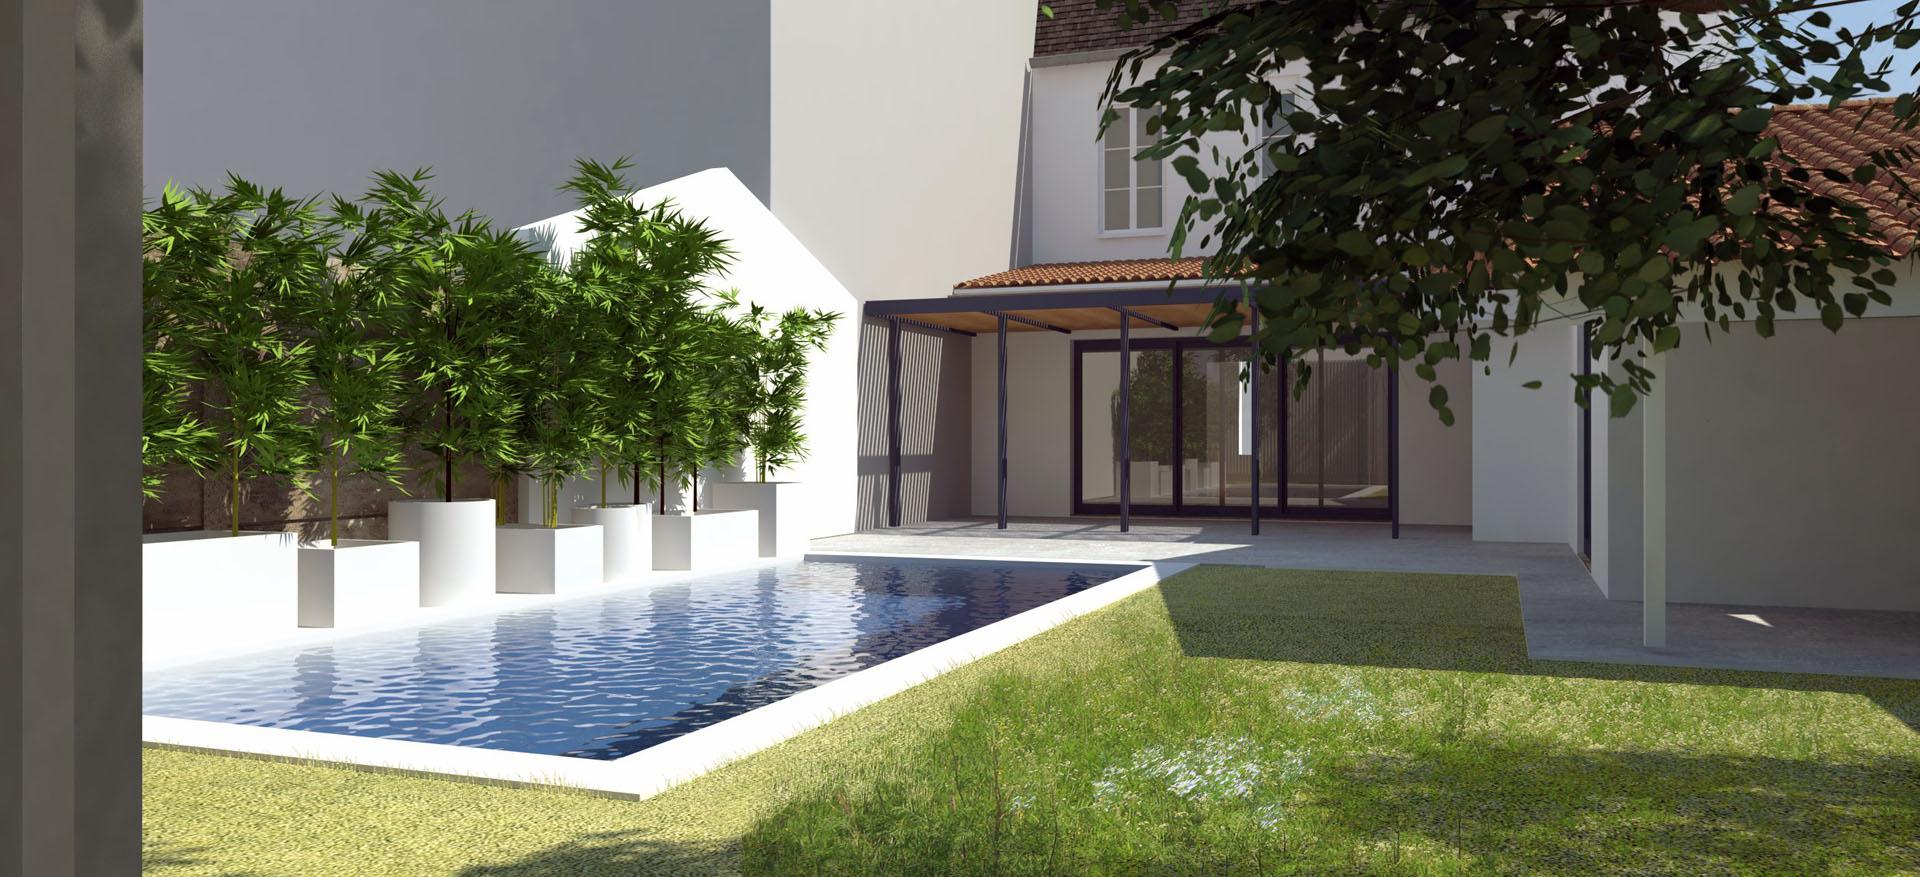 Construction D'un Patio Dans Une Maison Le Bouscat 33110 ... pour Piscine Du Bouscat